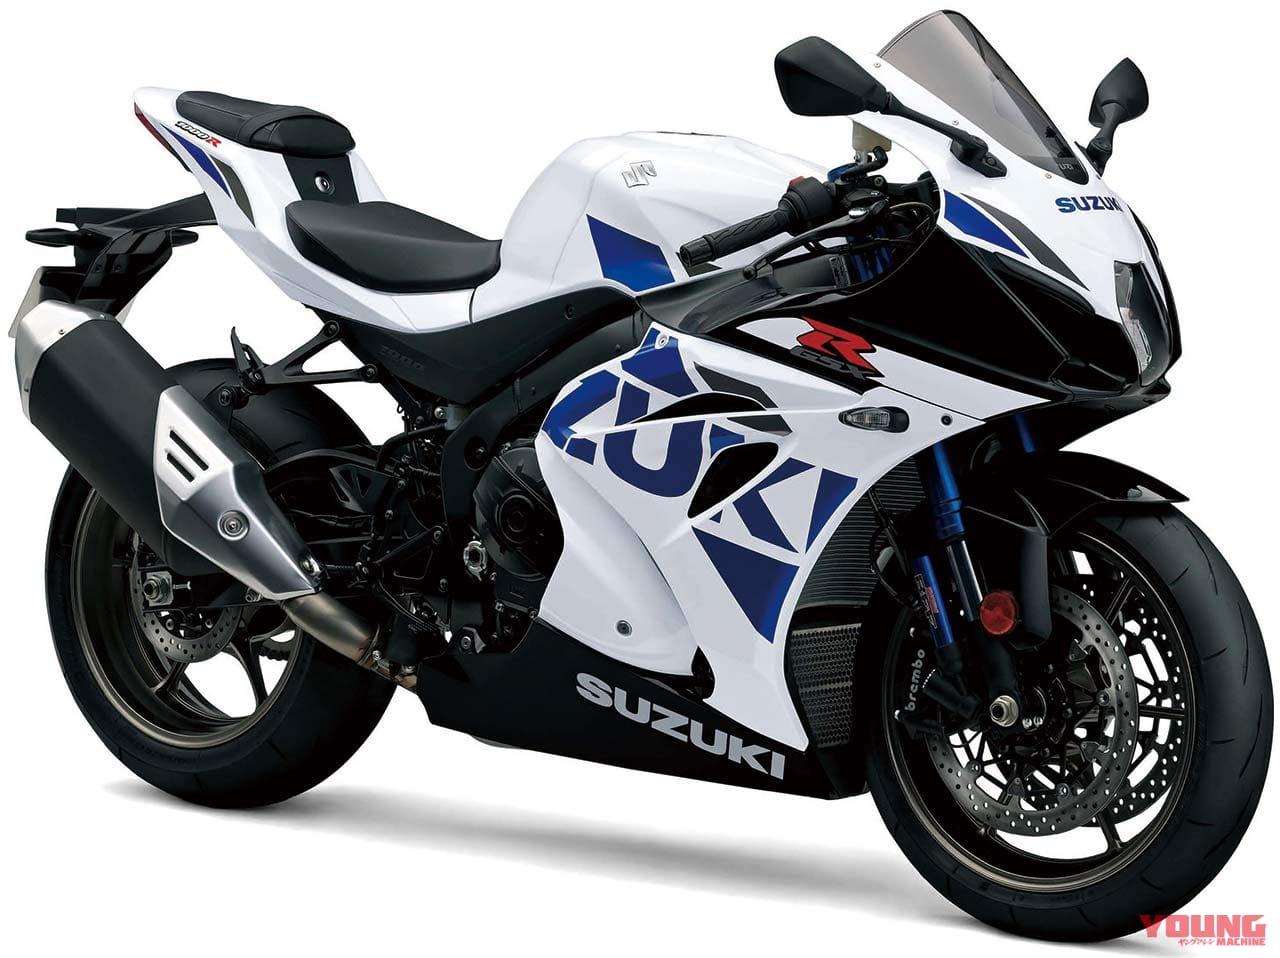 Early '20国産大型スーパースポーツ〈1000cc〉新車ラインナップ(スズキ|カワサキ)